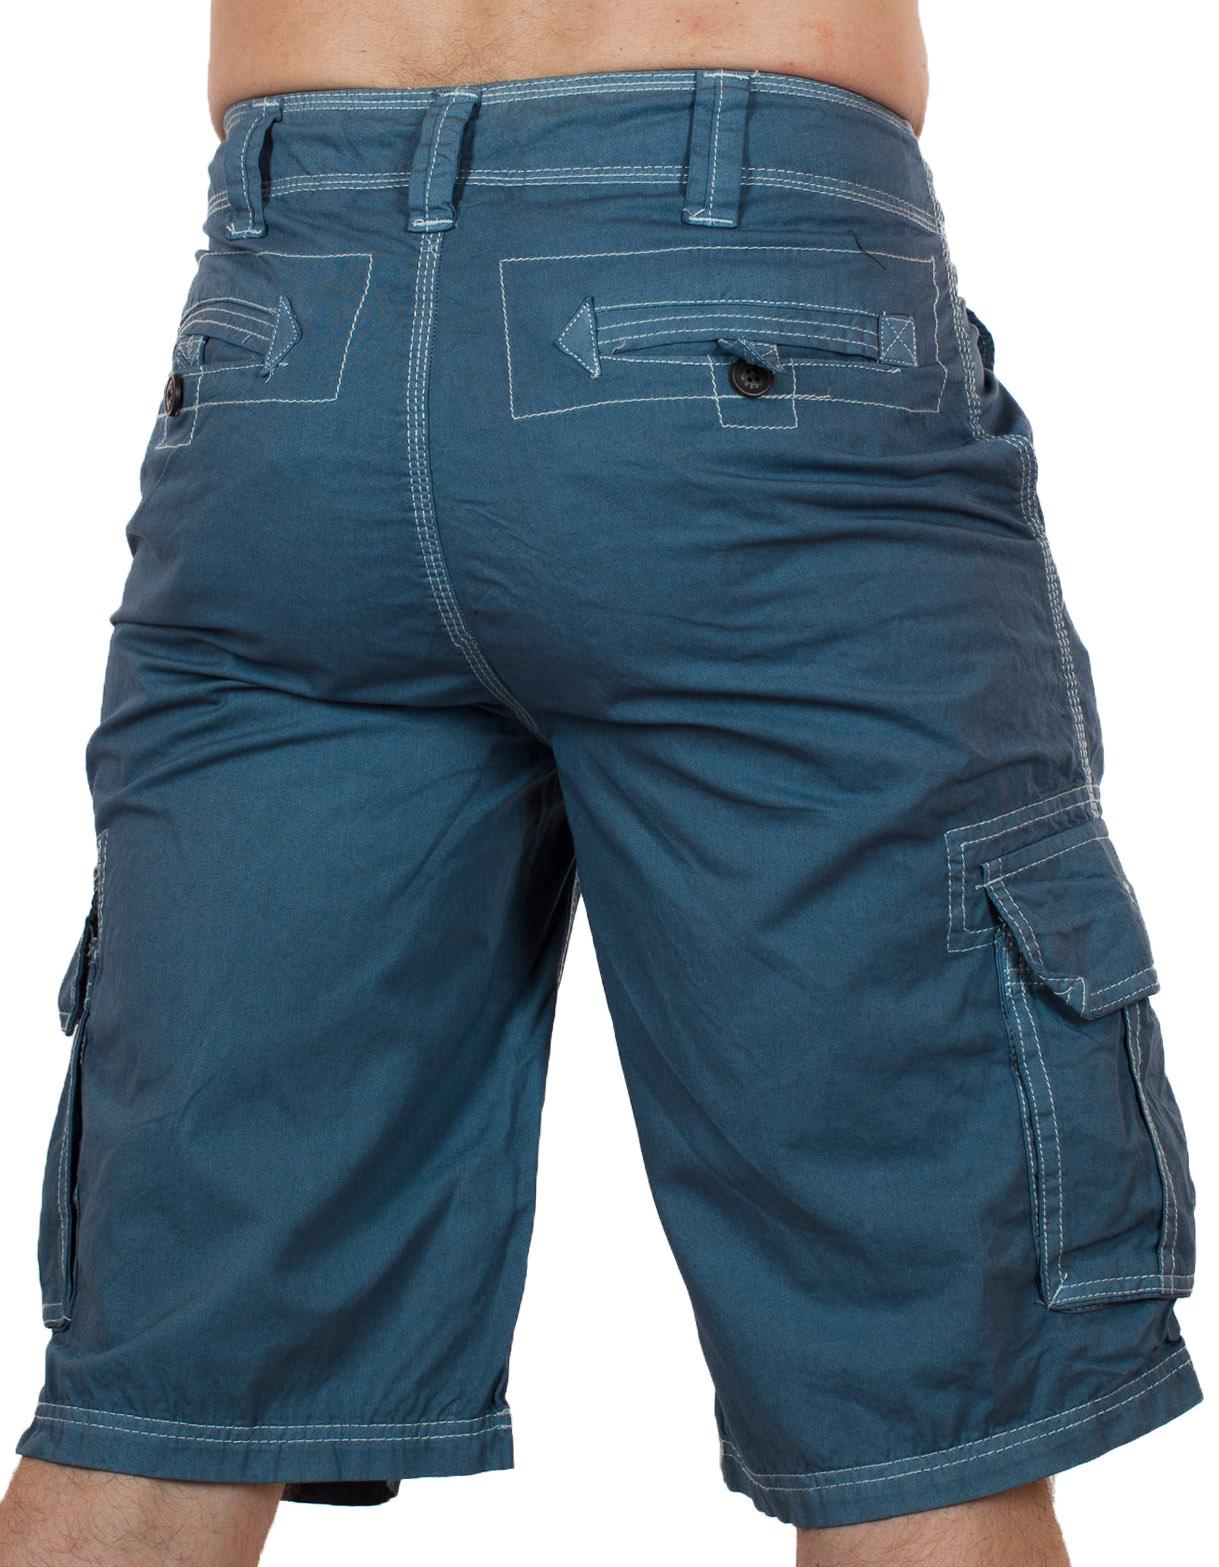 Эксклюзивные мужские шорты карго от Denim House по выгодной цене